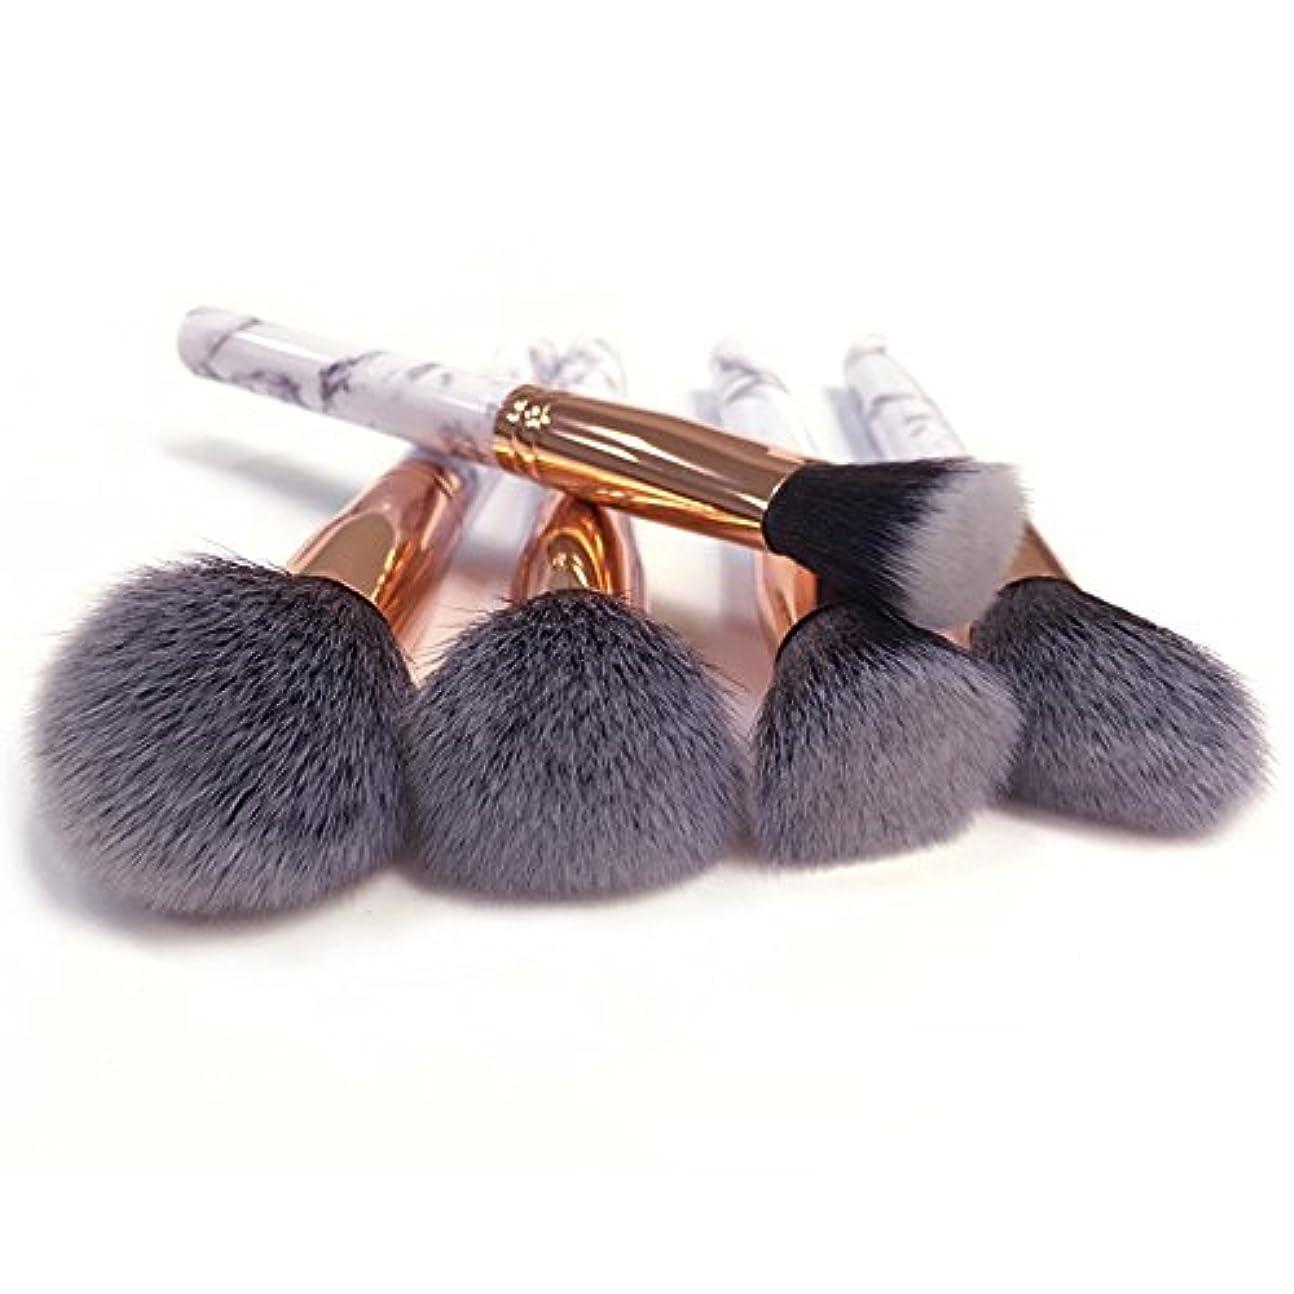 メンタル行進熟したAkane 10本 大理石紋 超気質的 セート 多機能 柔らかい たっぷり 高級 優雅 綺麗 魅力 上等な使用感 激安 日常 仕事 おしゃれ Makeup Brush メイクアップブラシ